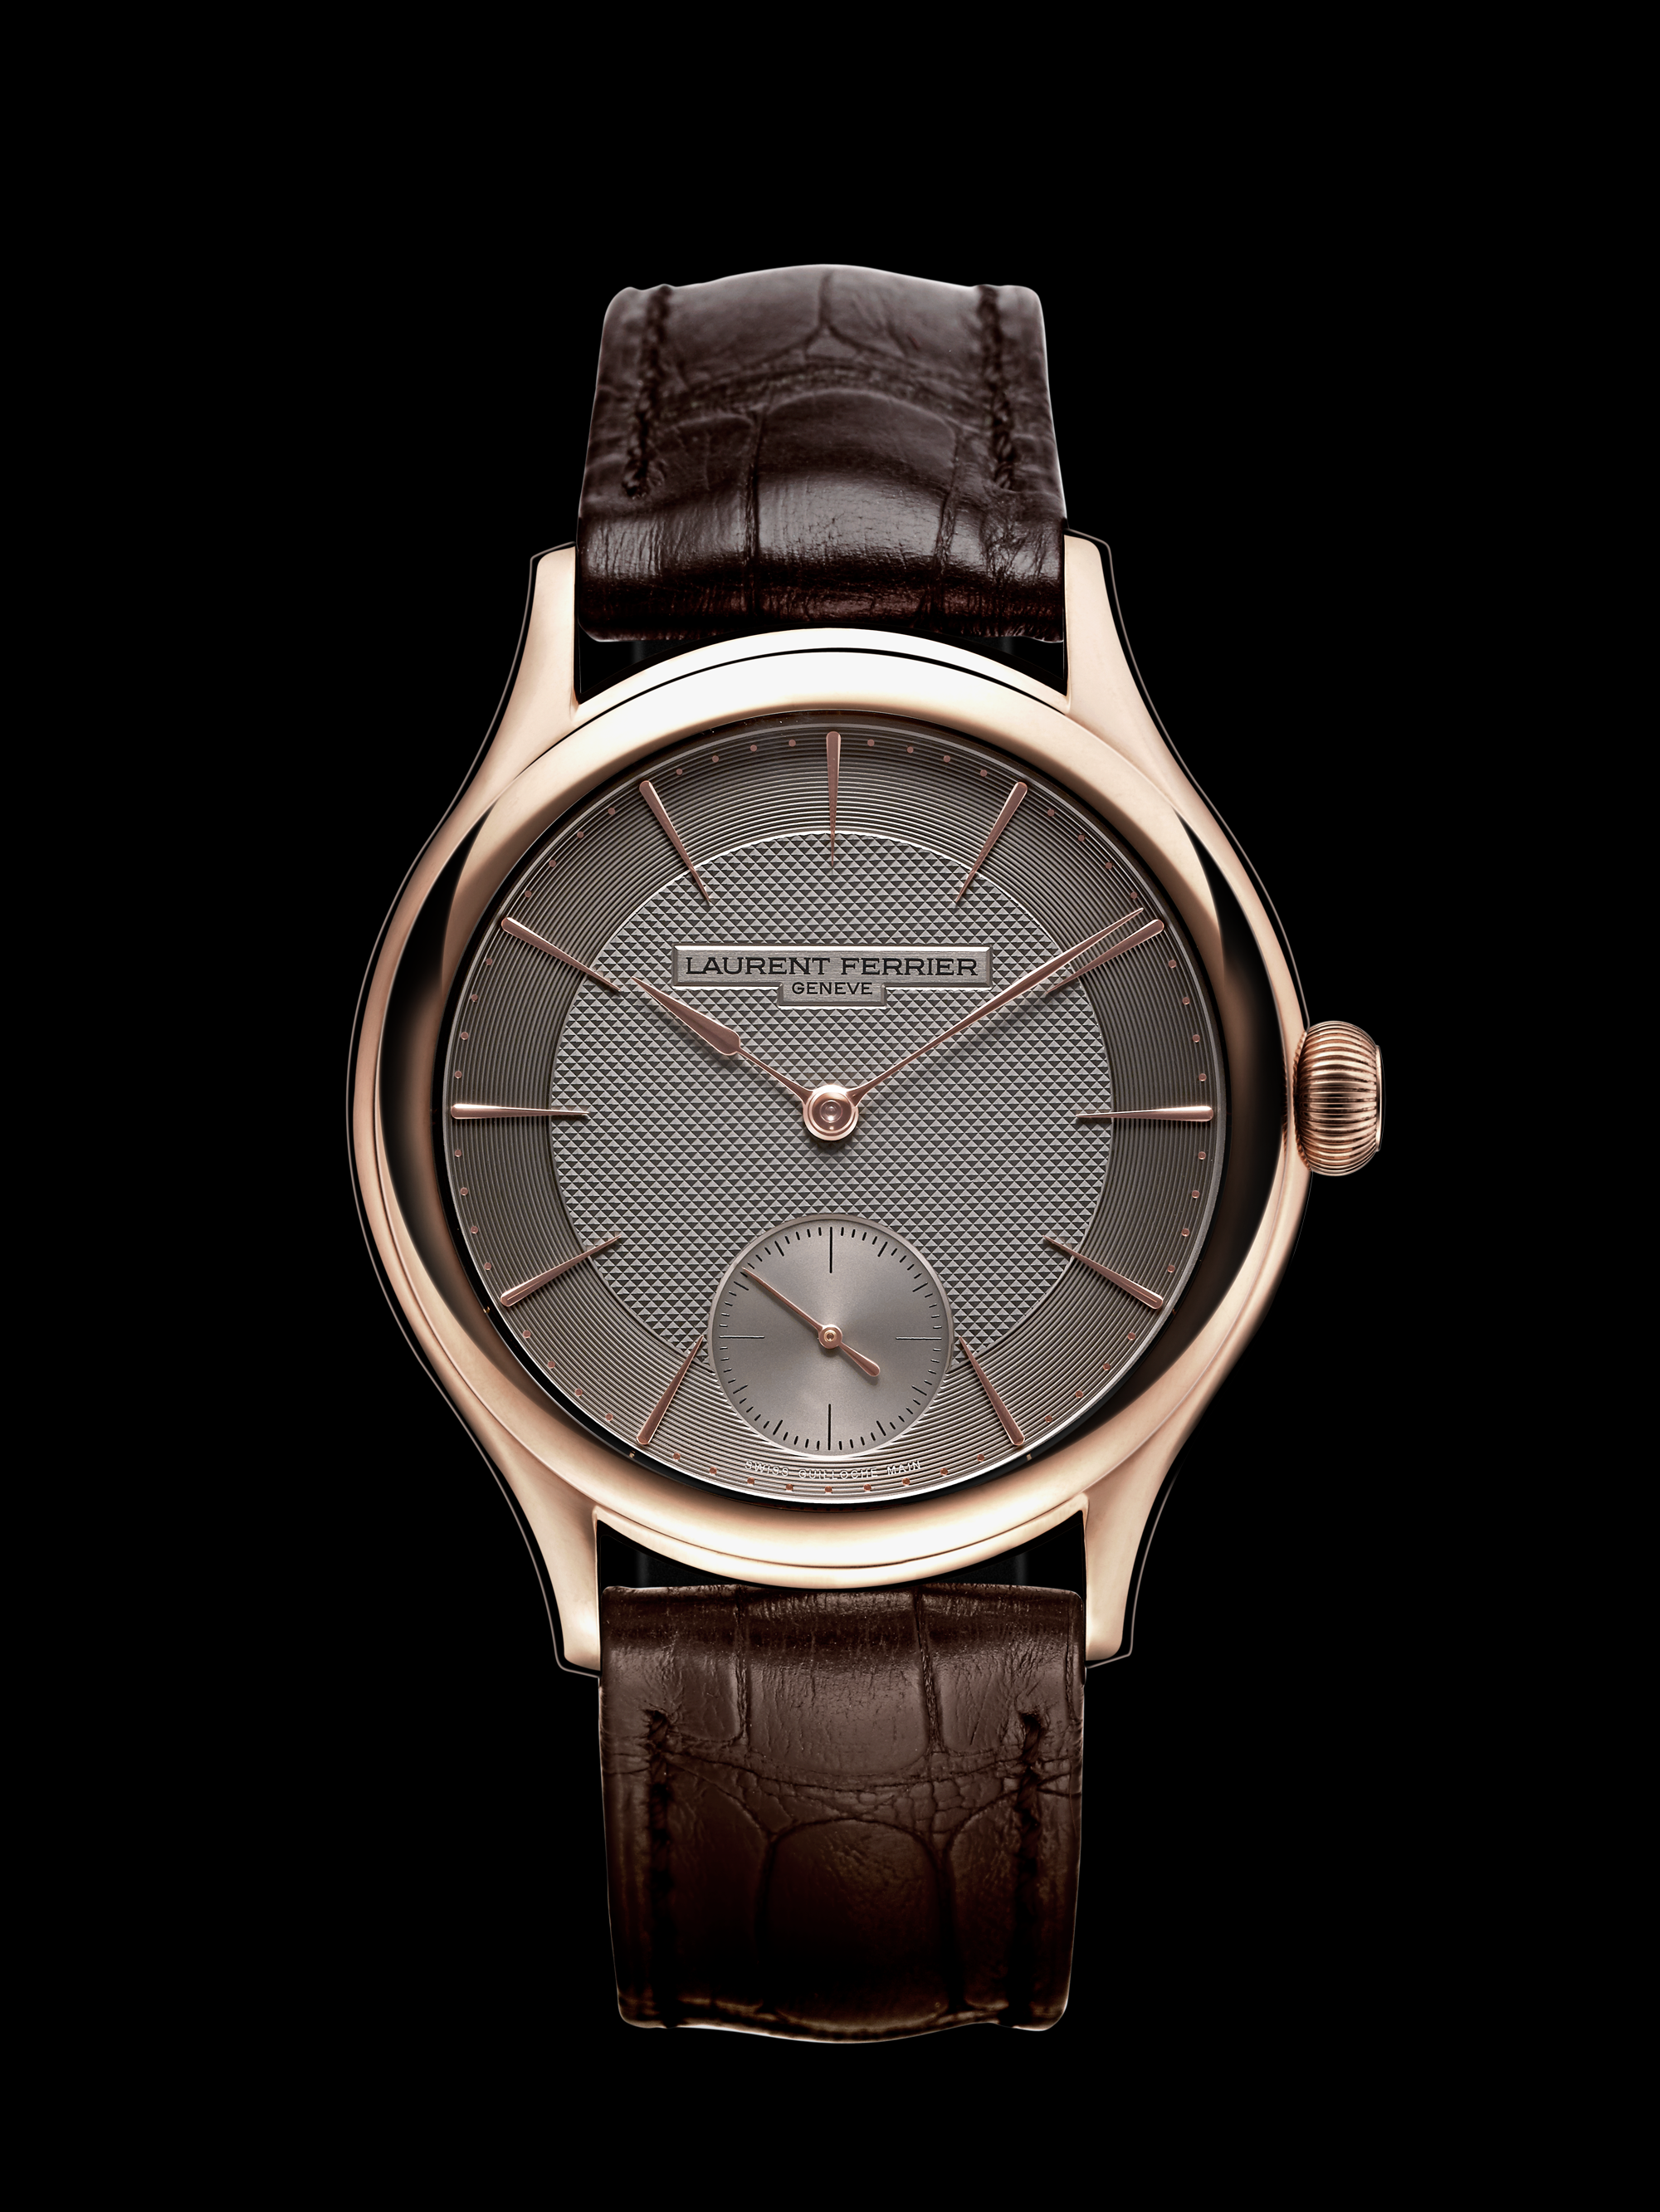 silver toned dial with hand guilloché clous de paris motif vector